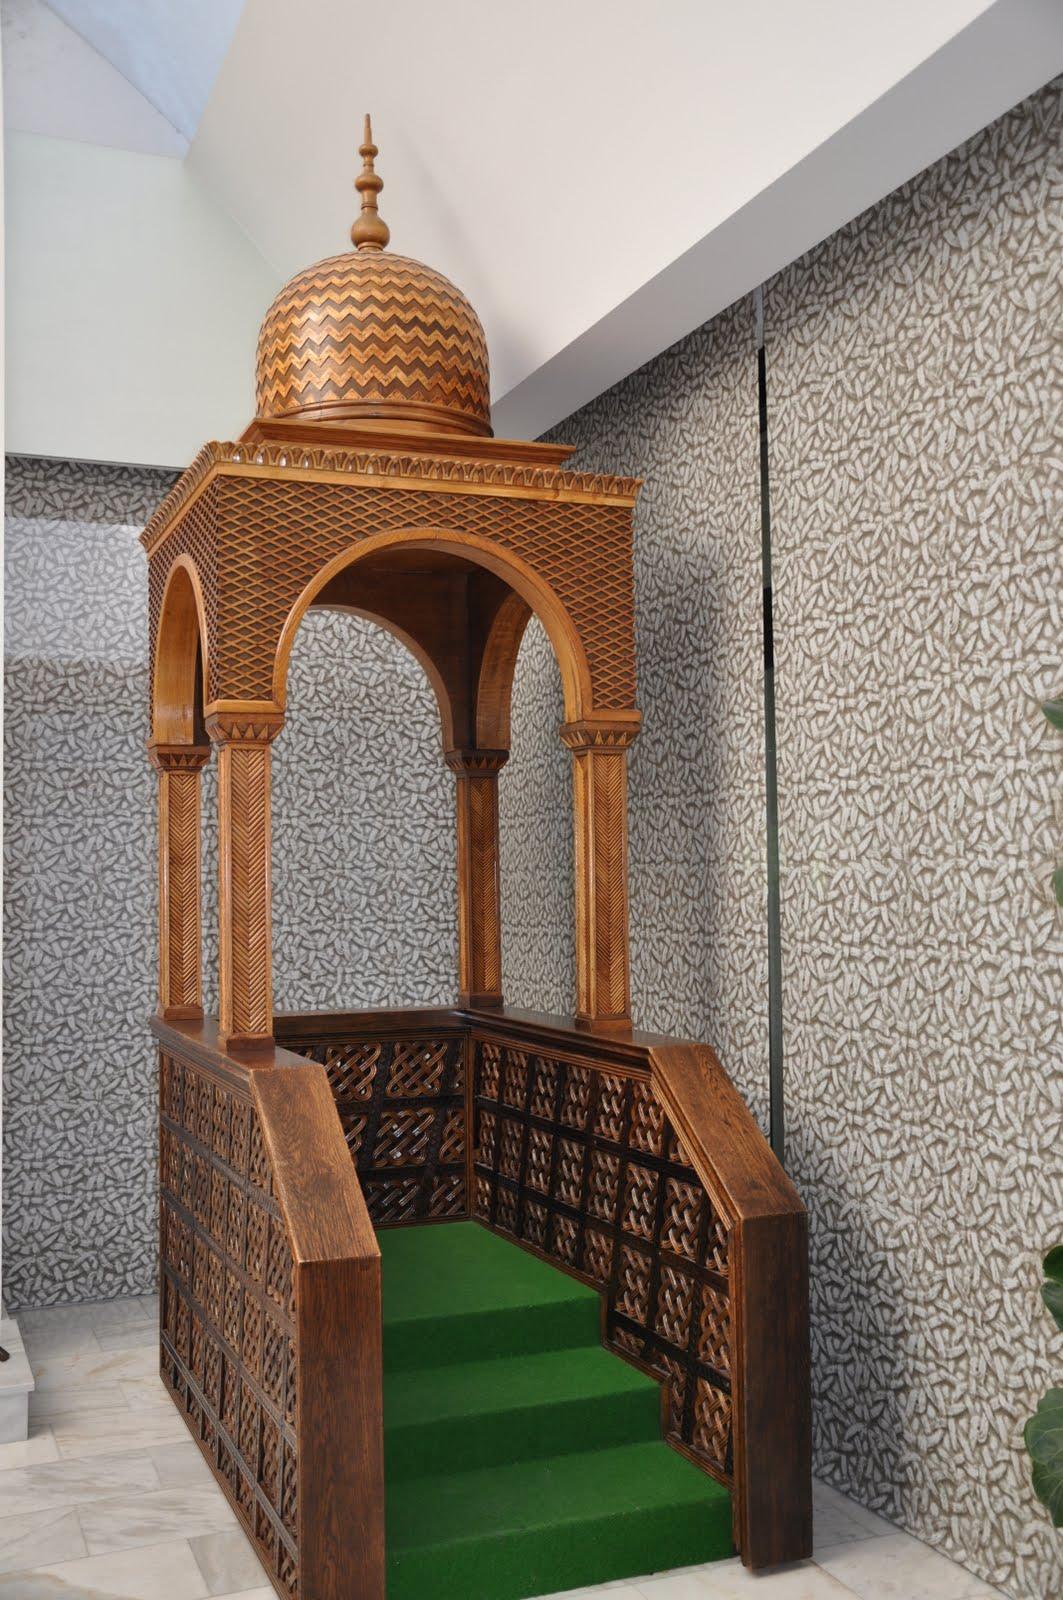 минбар в мечети картинка возникли вопросы